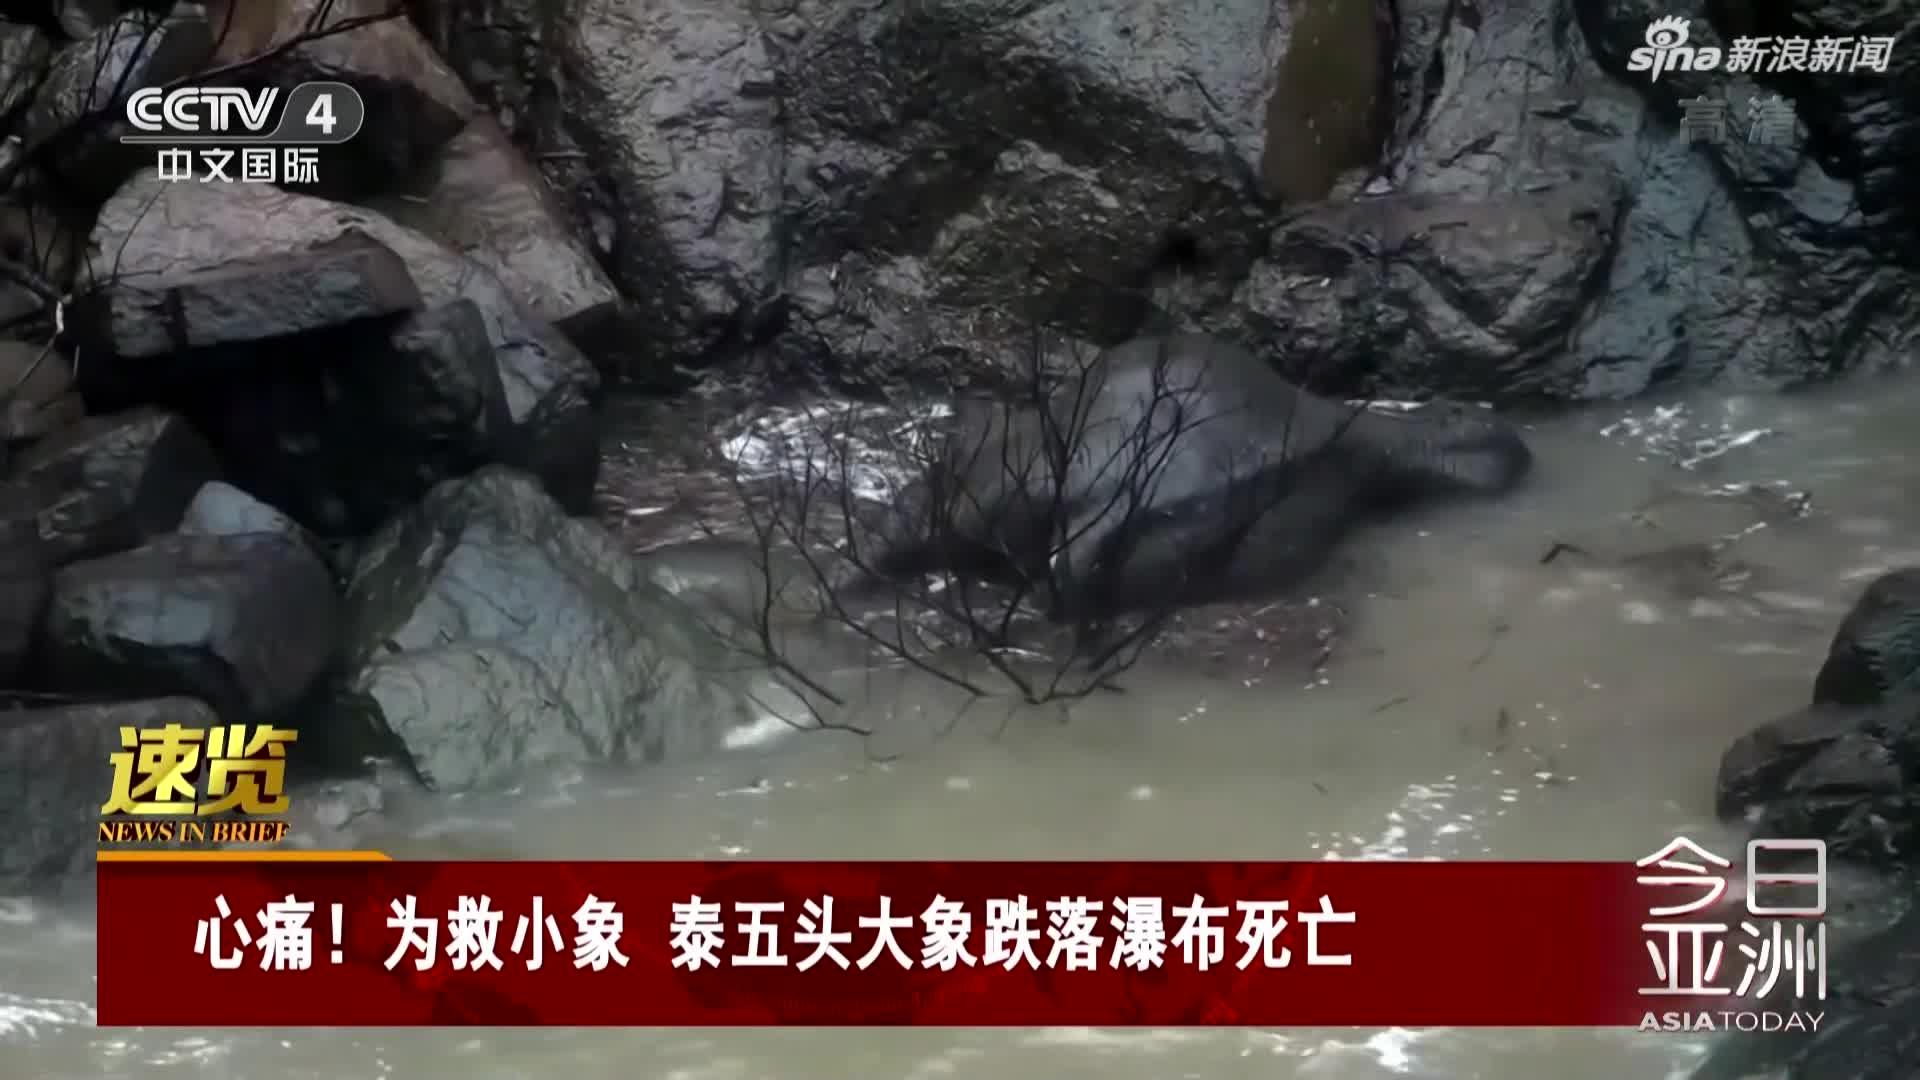 视频-为救小象 泰五头大象跌落瀑布死亡